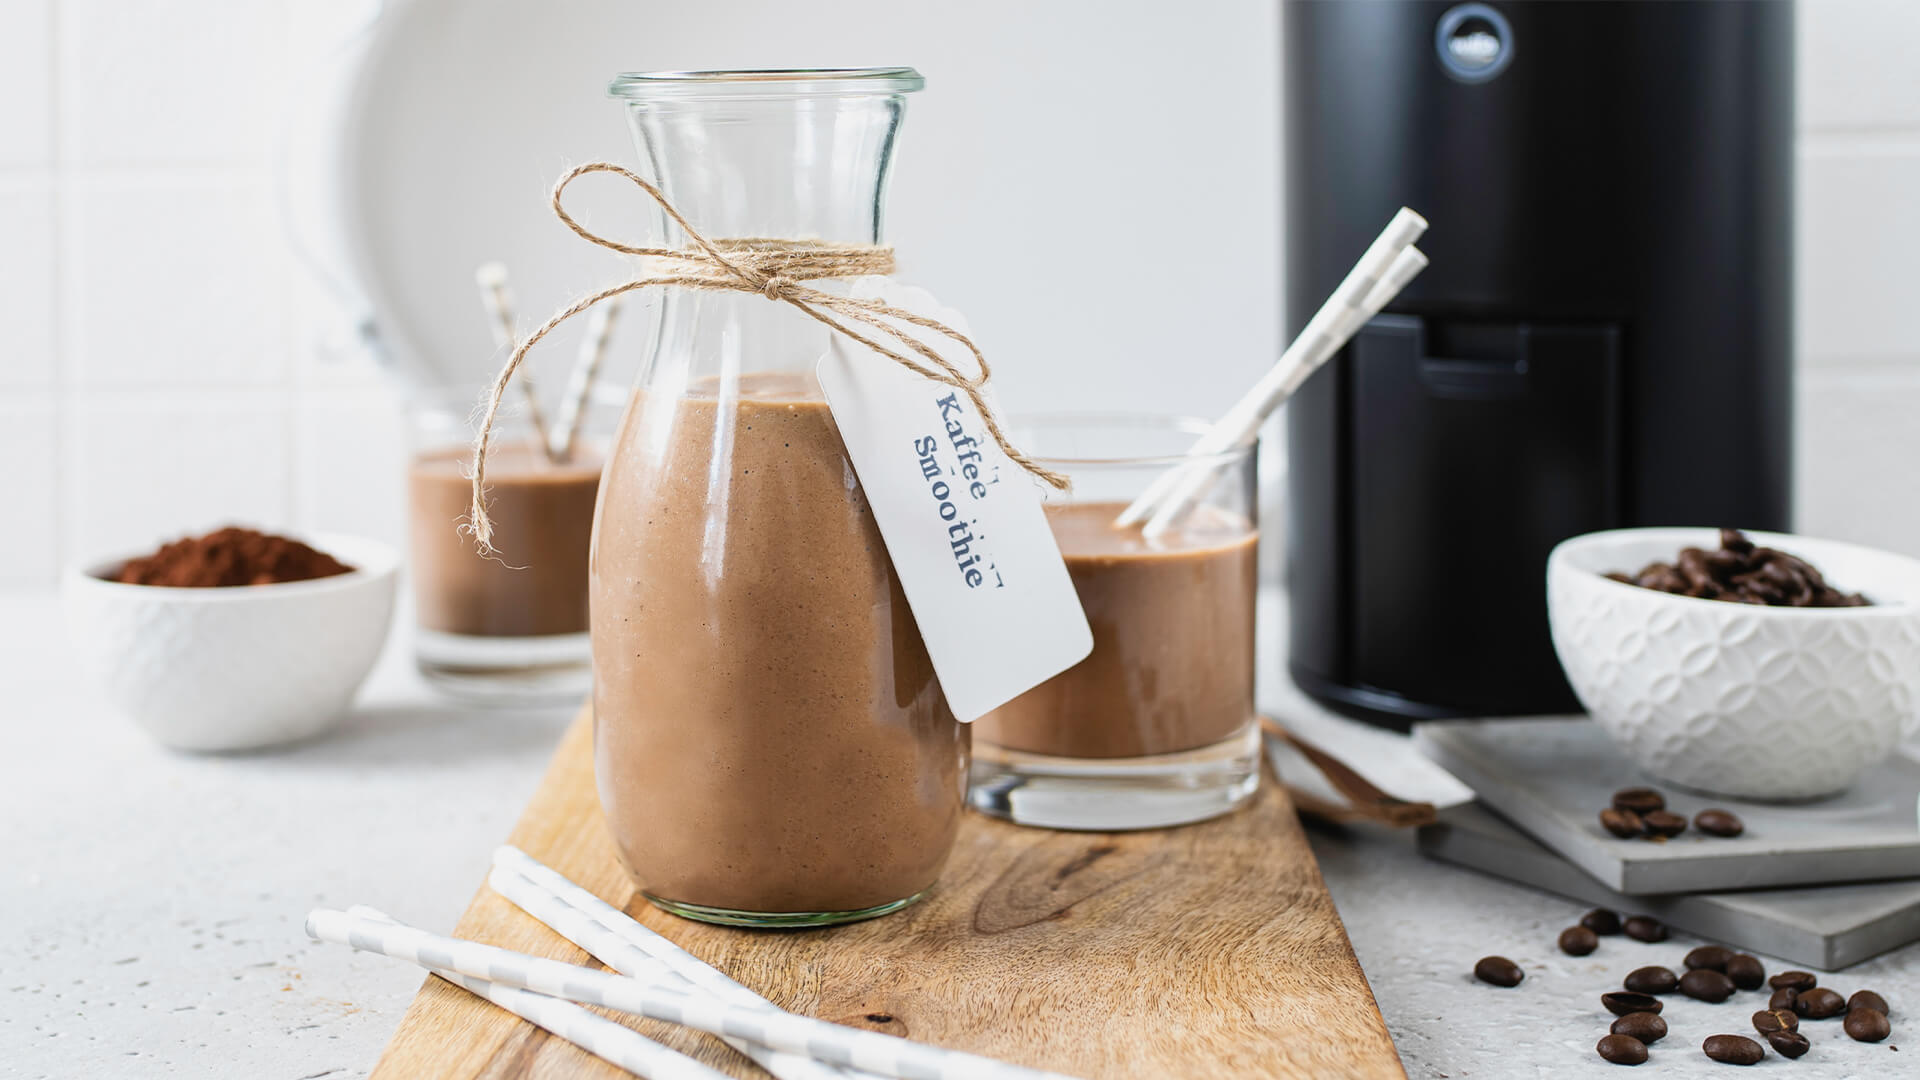 Kaffee – Smoothie mit frisch gemahlenem Kaffee